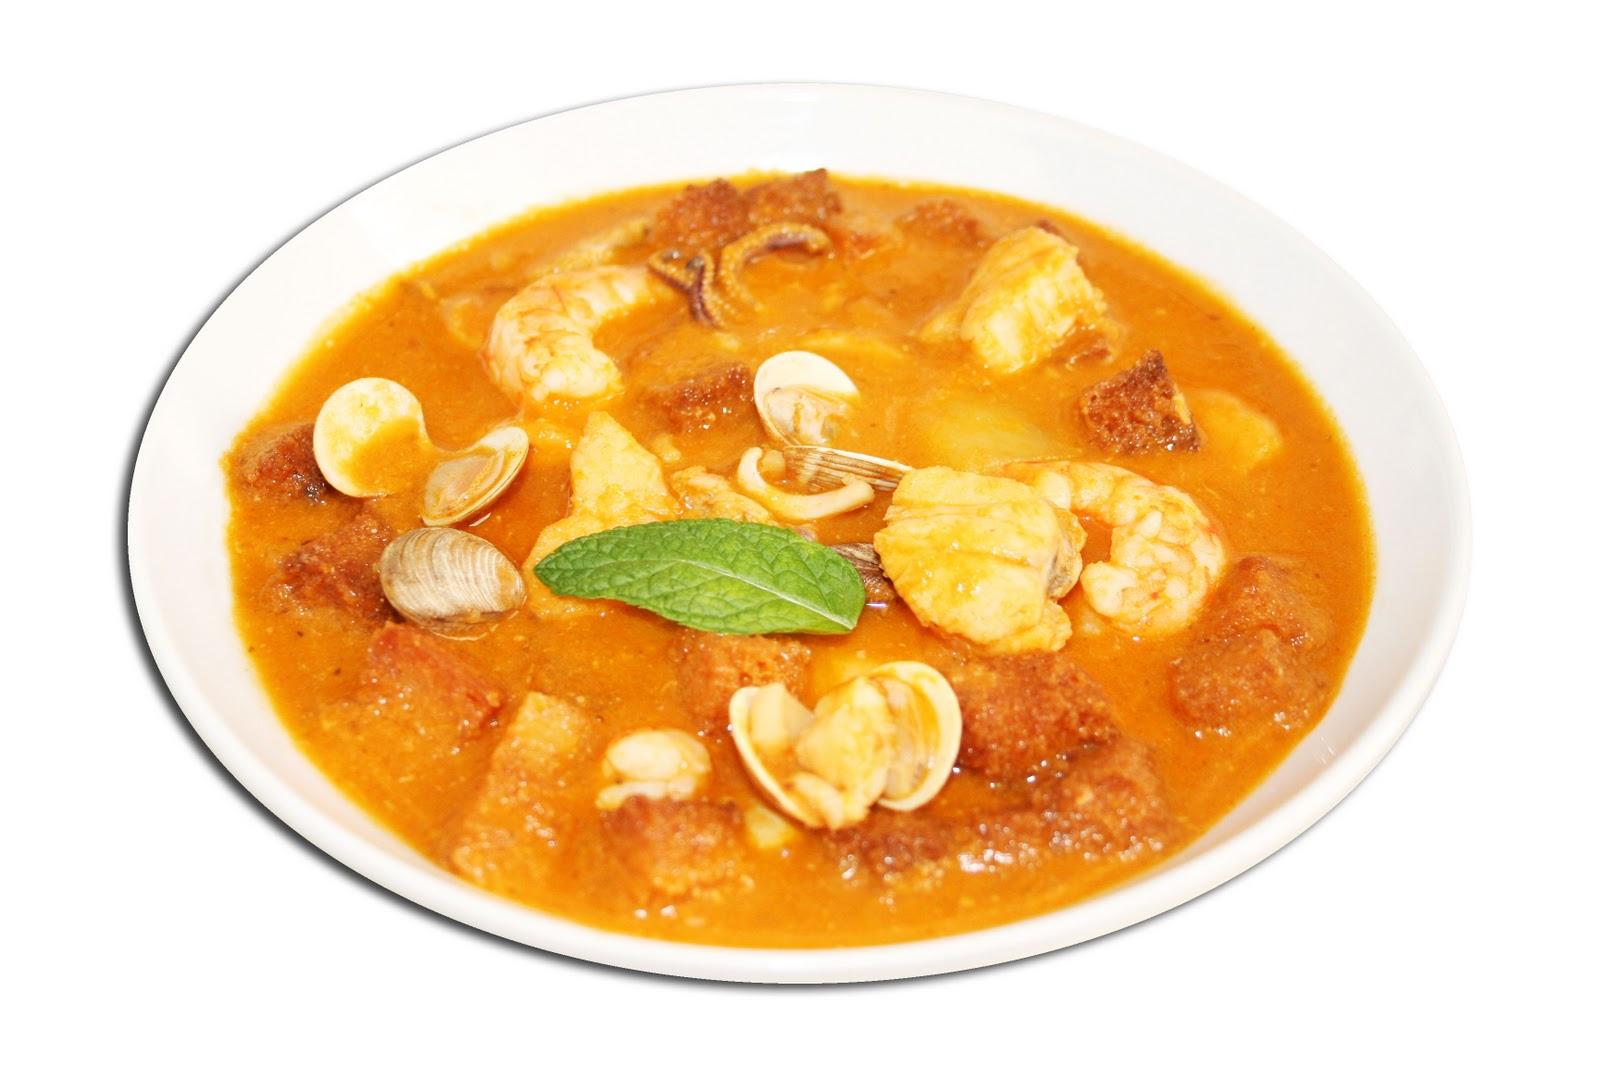 Sopa de mariscos cocina canaria - Sopa de marisco y pescado ...